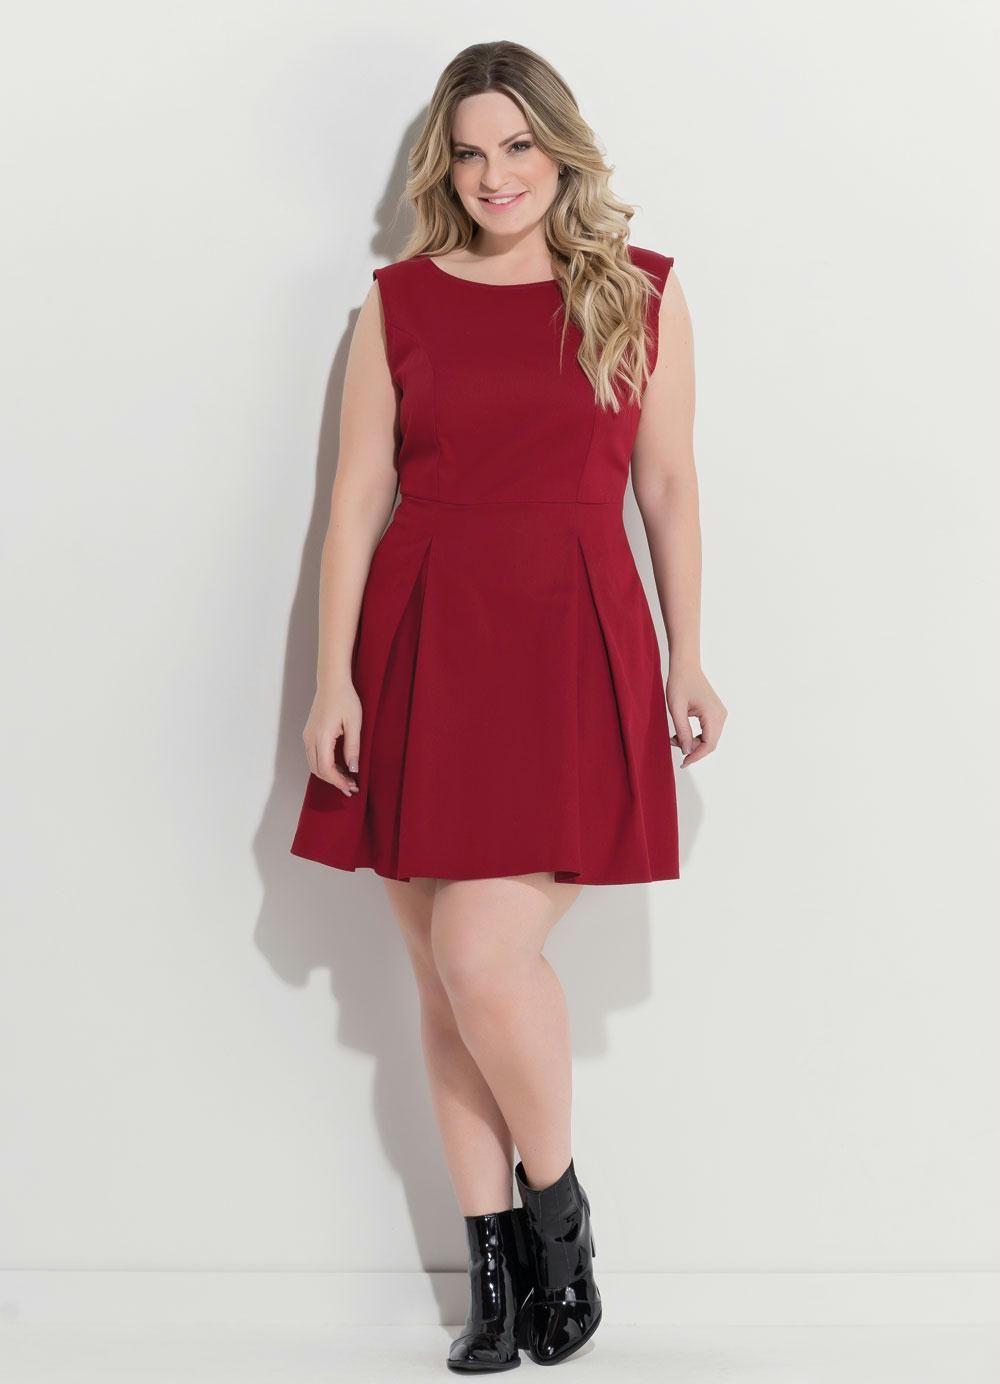 396797ce9 Vestido marsala: 70 modelos para você arrasar com a cor que é tendência